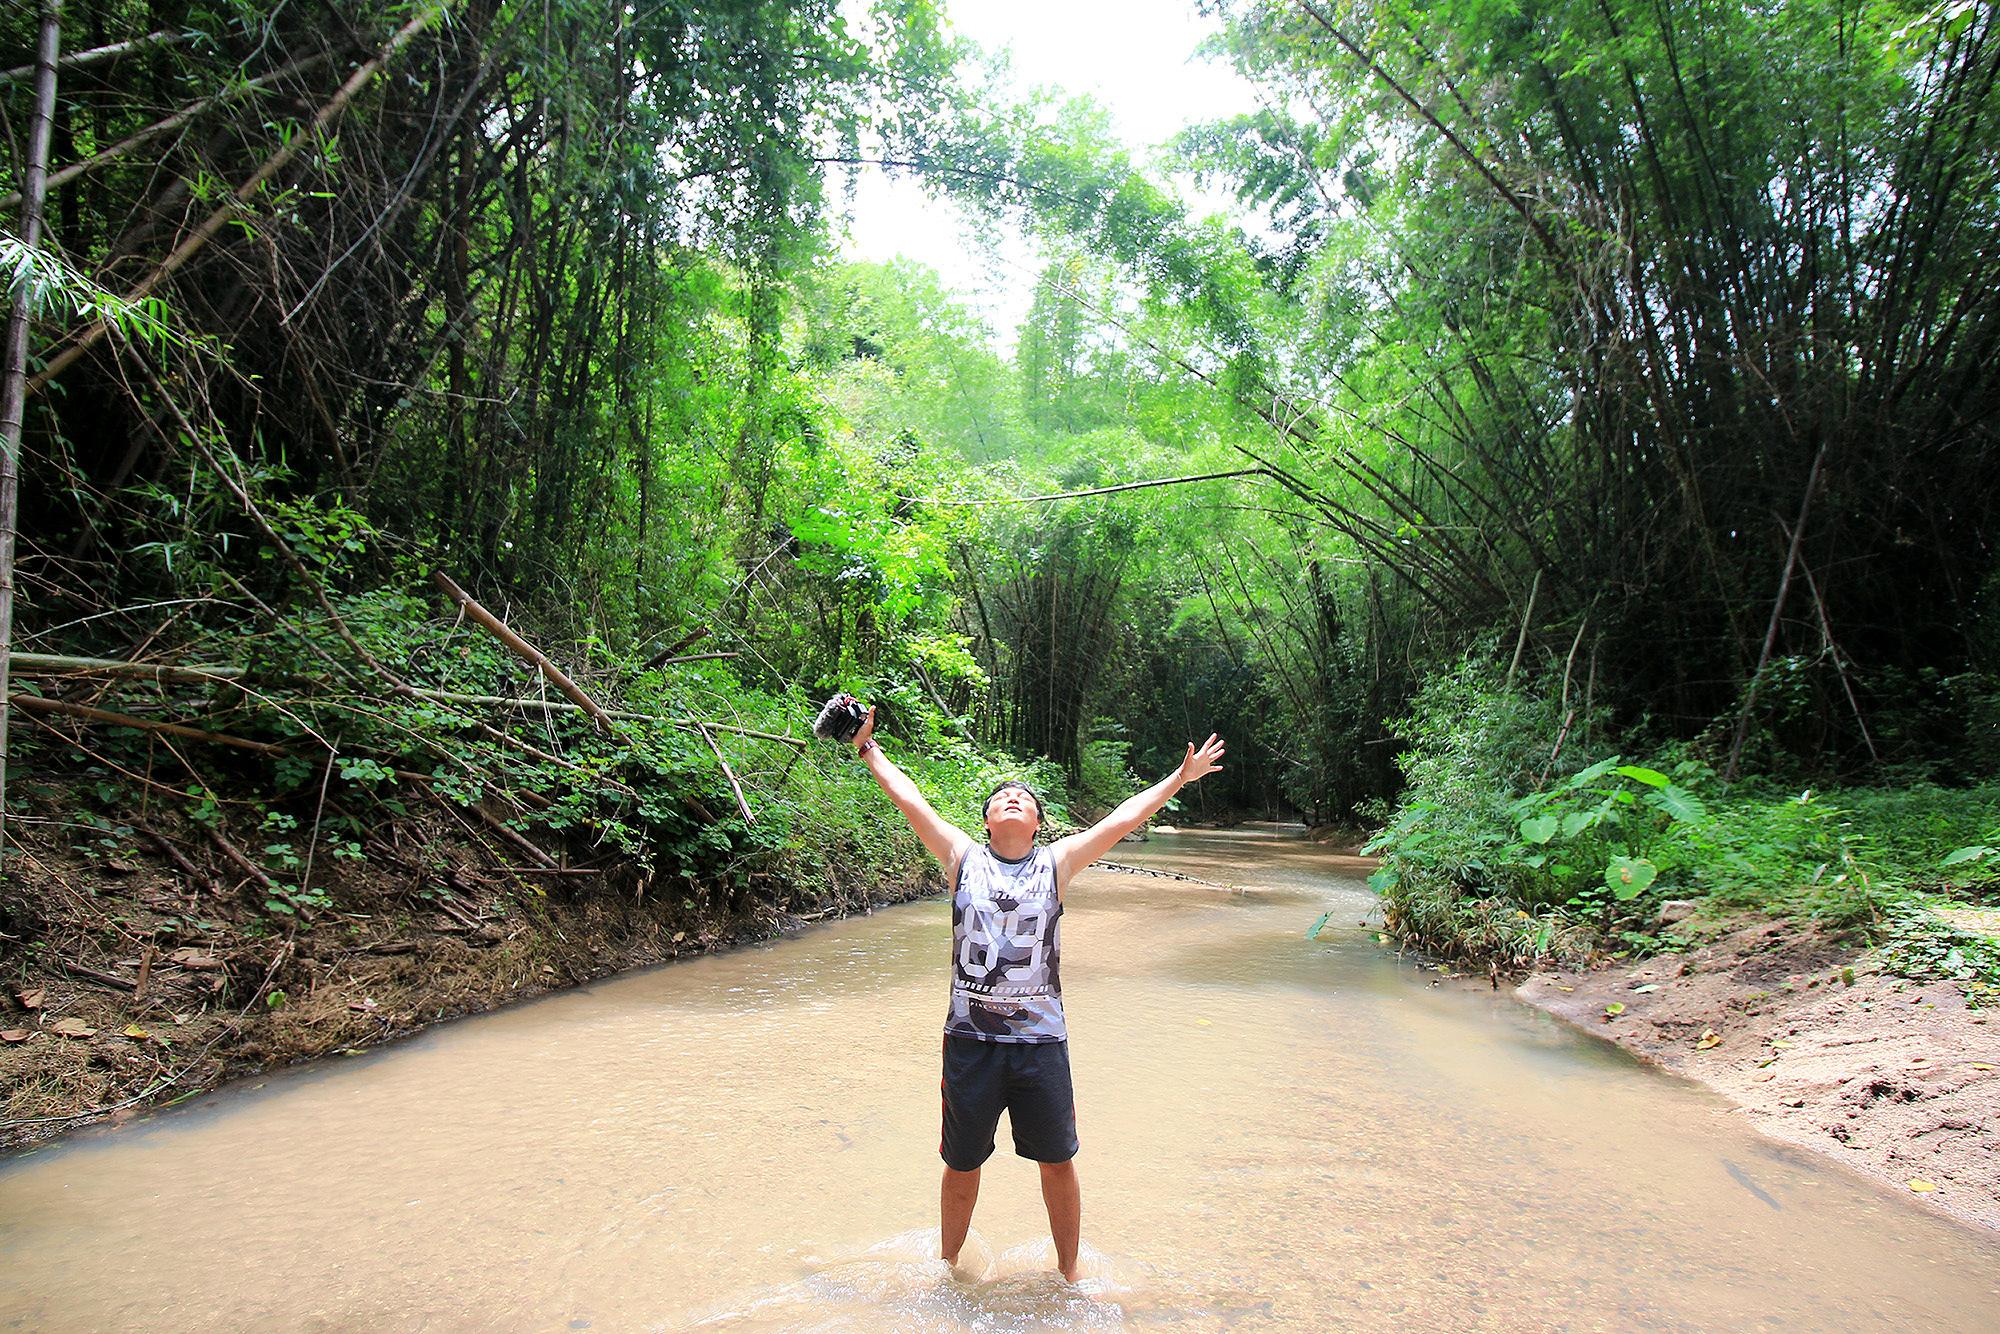 เข้าป่าเลยได้ บ้องไม้ไผ่มาทำ หลามปลาช่อน!!!